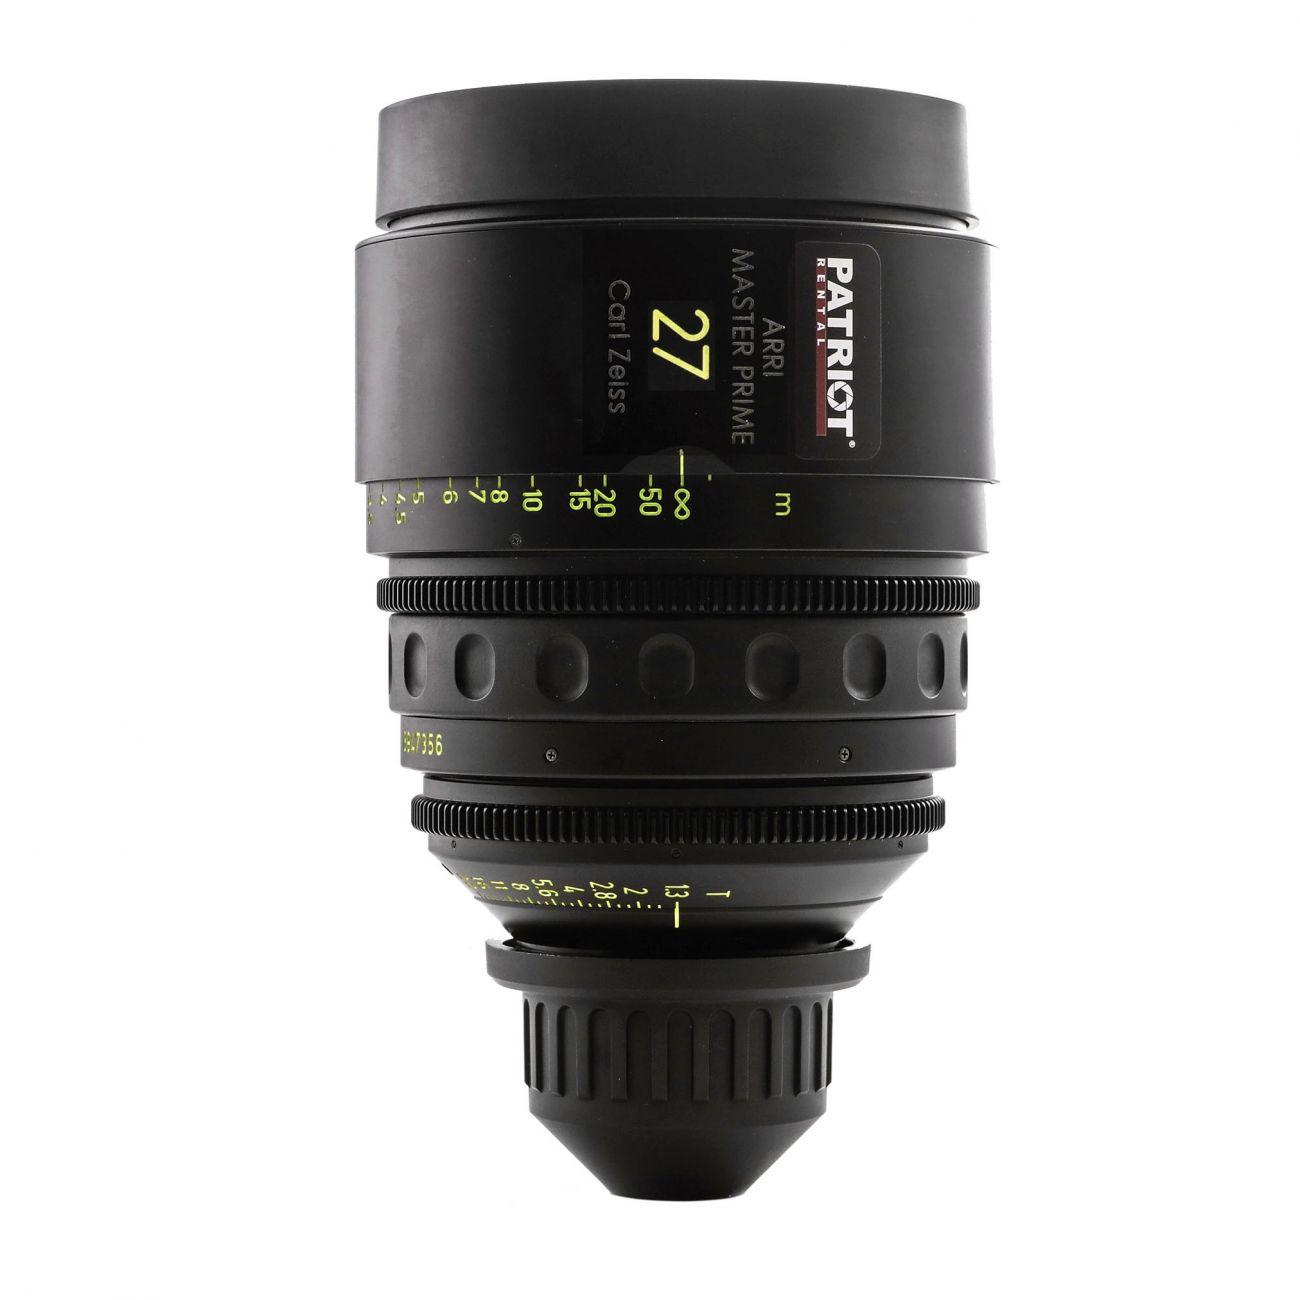 27mm ARRI MASTER PRIME Lens T1.3